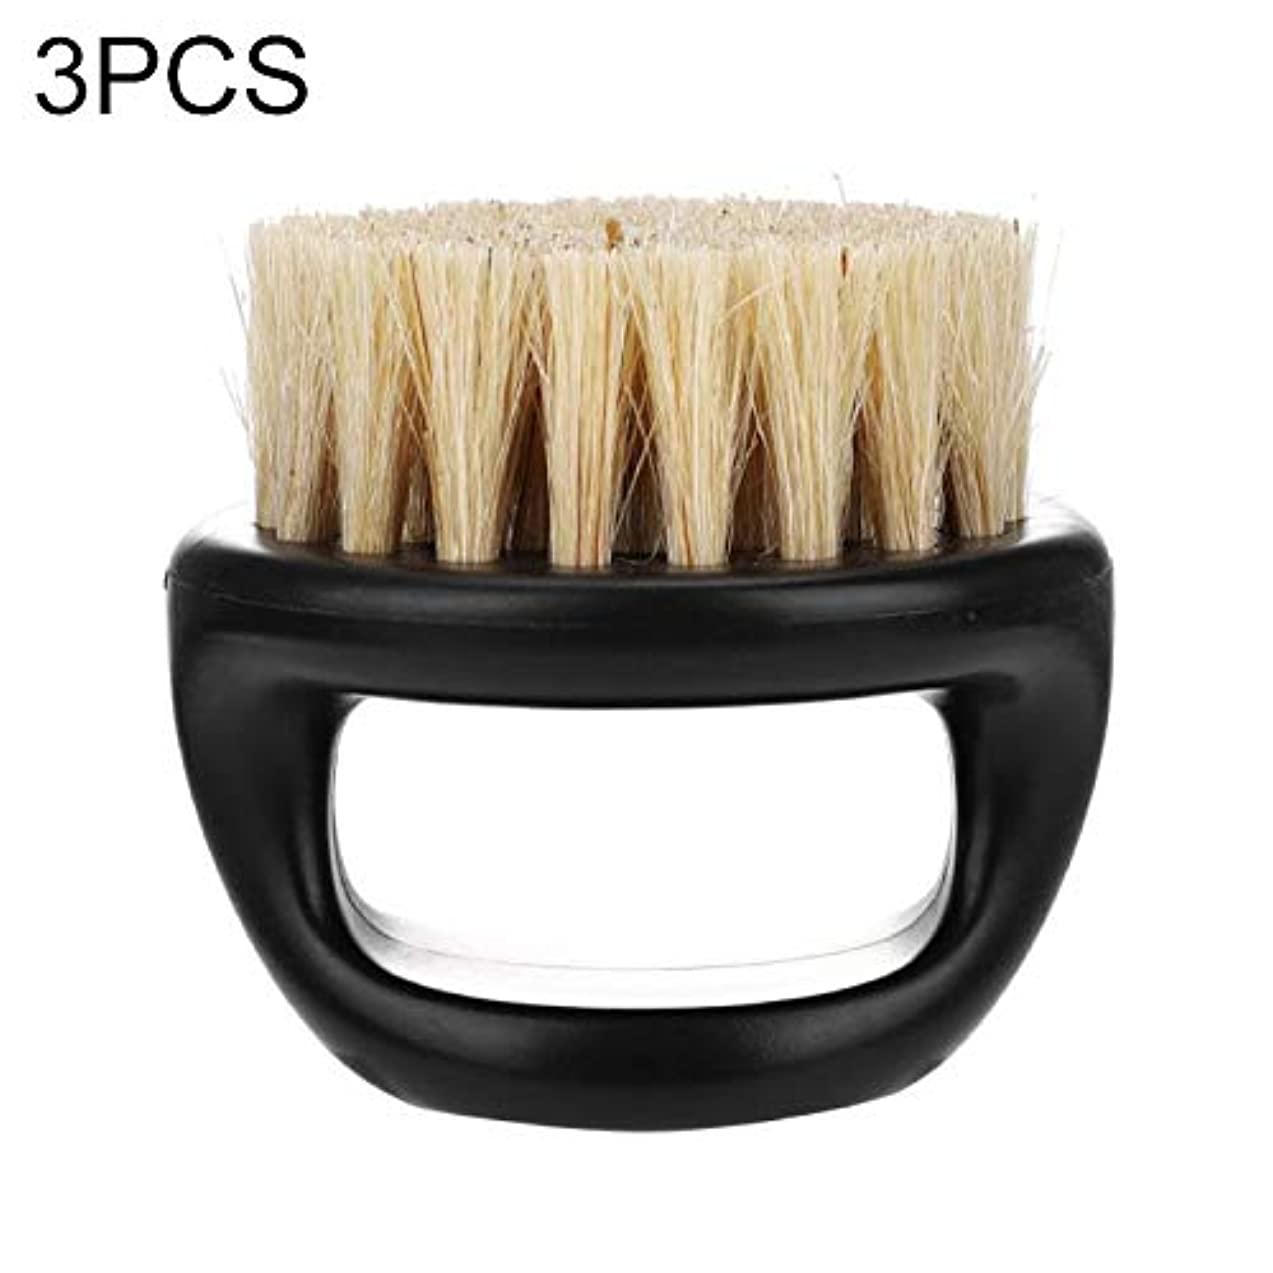 悲鳴変な宣教師WTYD 美容ヘアツール 3 PCSメンズリングのデザインポータブルボアブラシブラックABSヘアカットクリーニングシェービングブラシ (色 : 白)